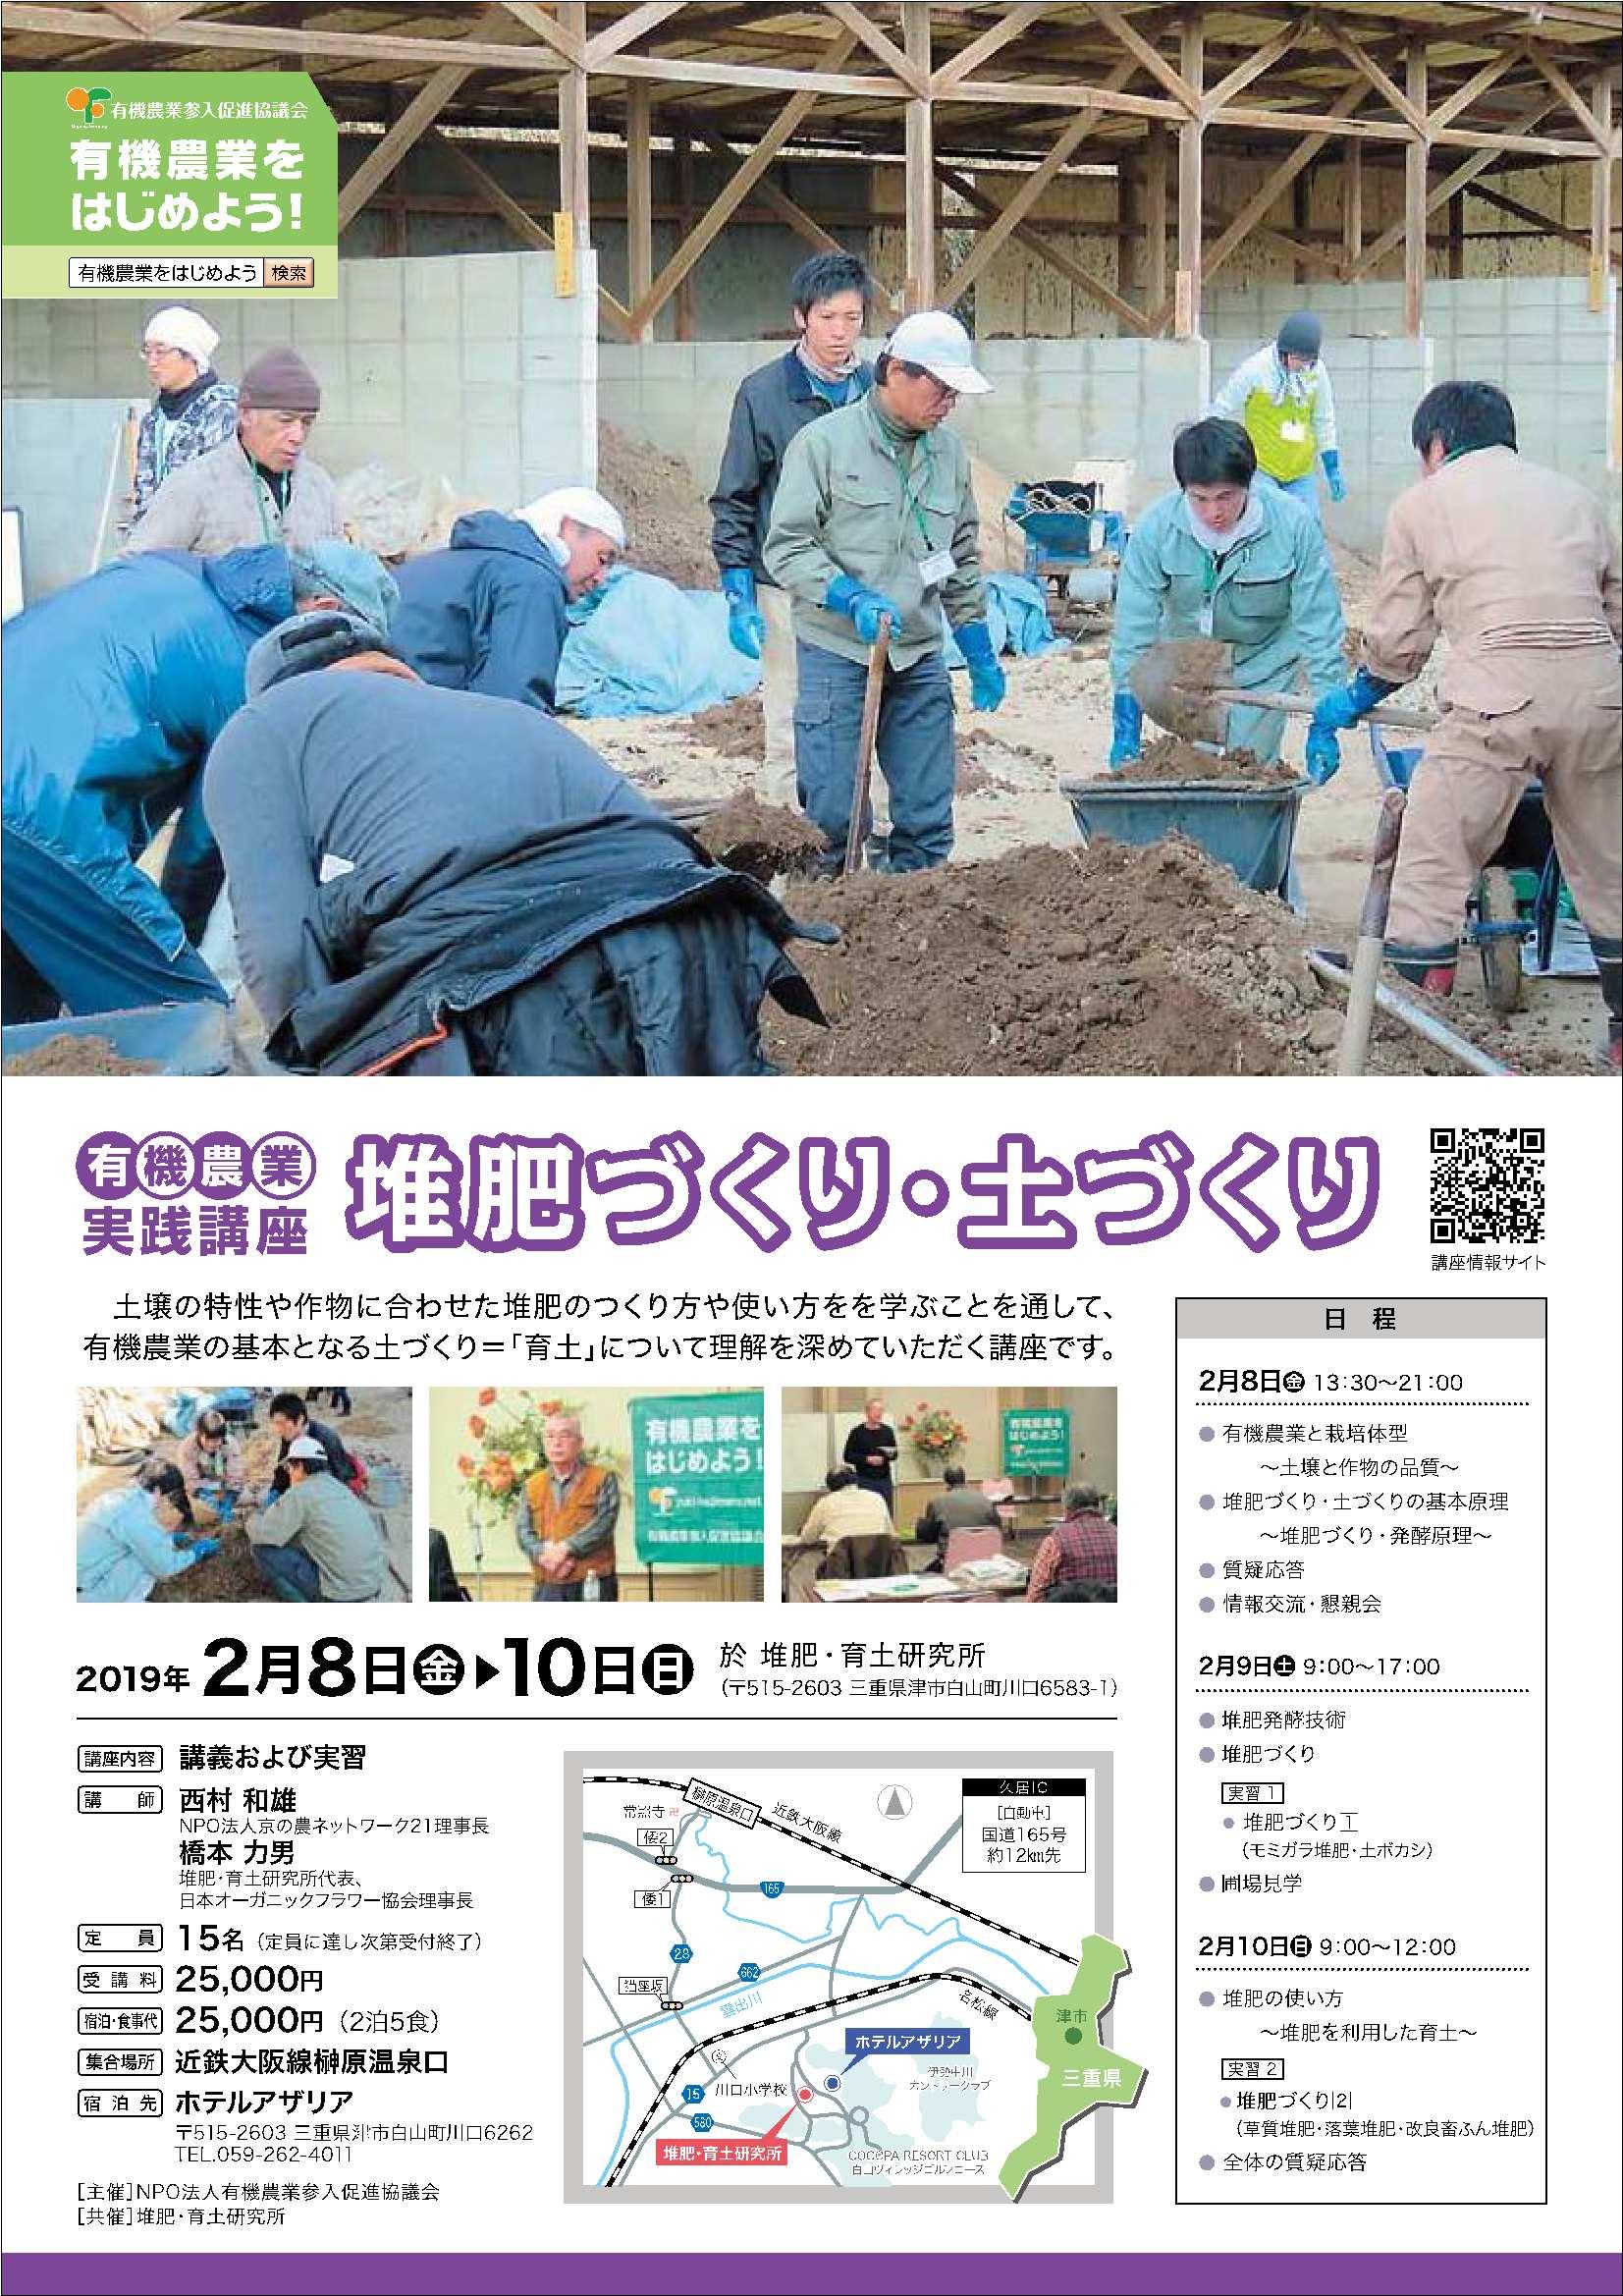 有機農業実践講座 堆肥づくり・土づくり